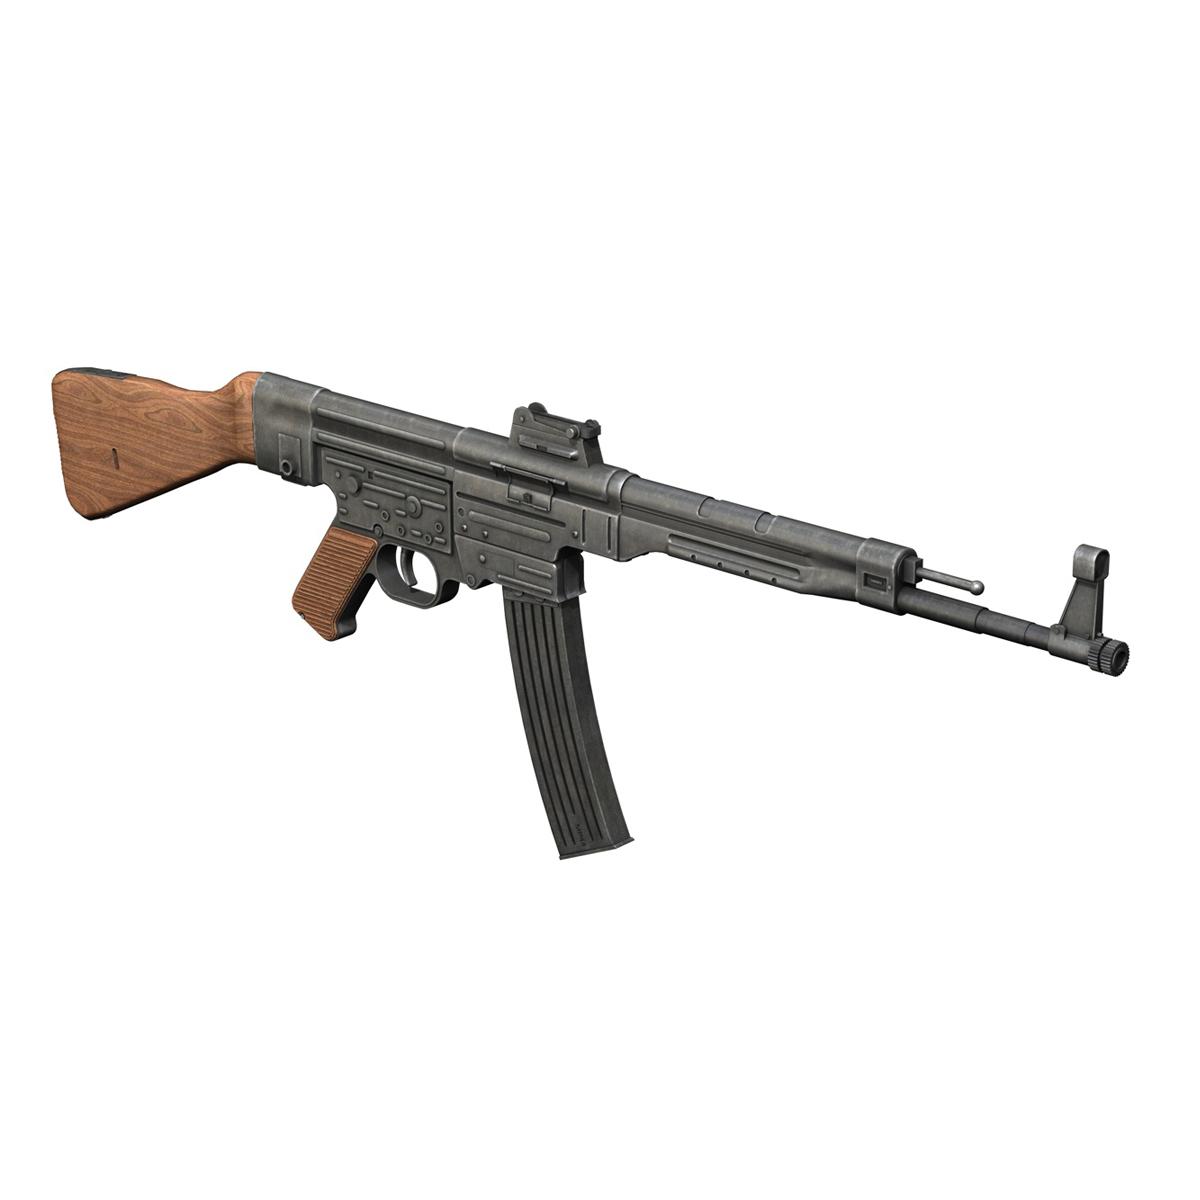 sturmgewehr 44 - mp44 - német támadás puska 3d modell 3ds fbx c4d lwo obj 195175